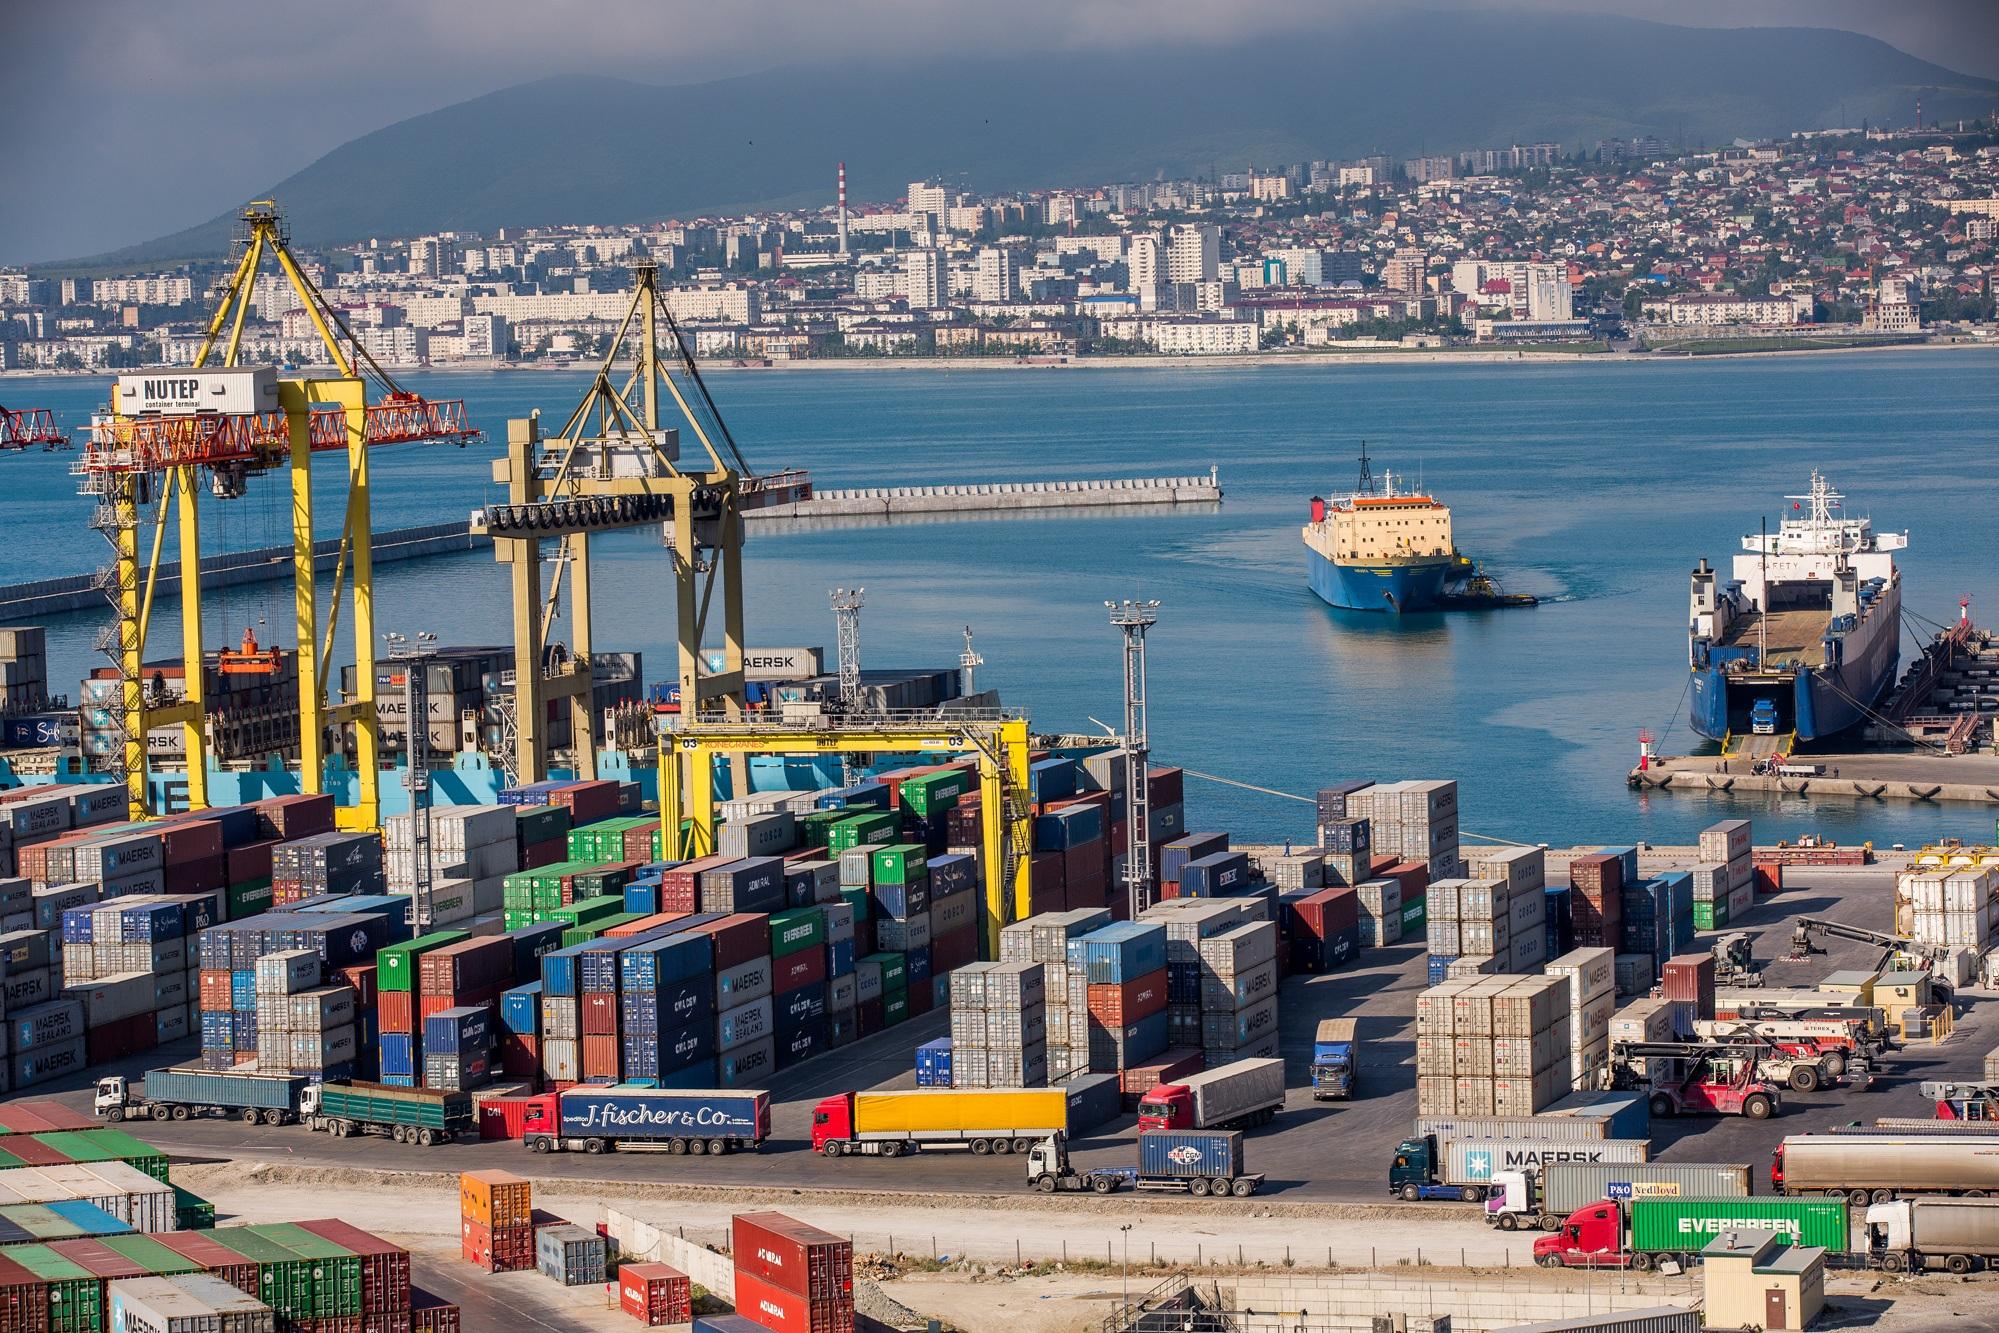 картинки торговых портов меньше число